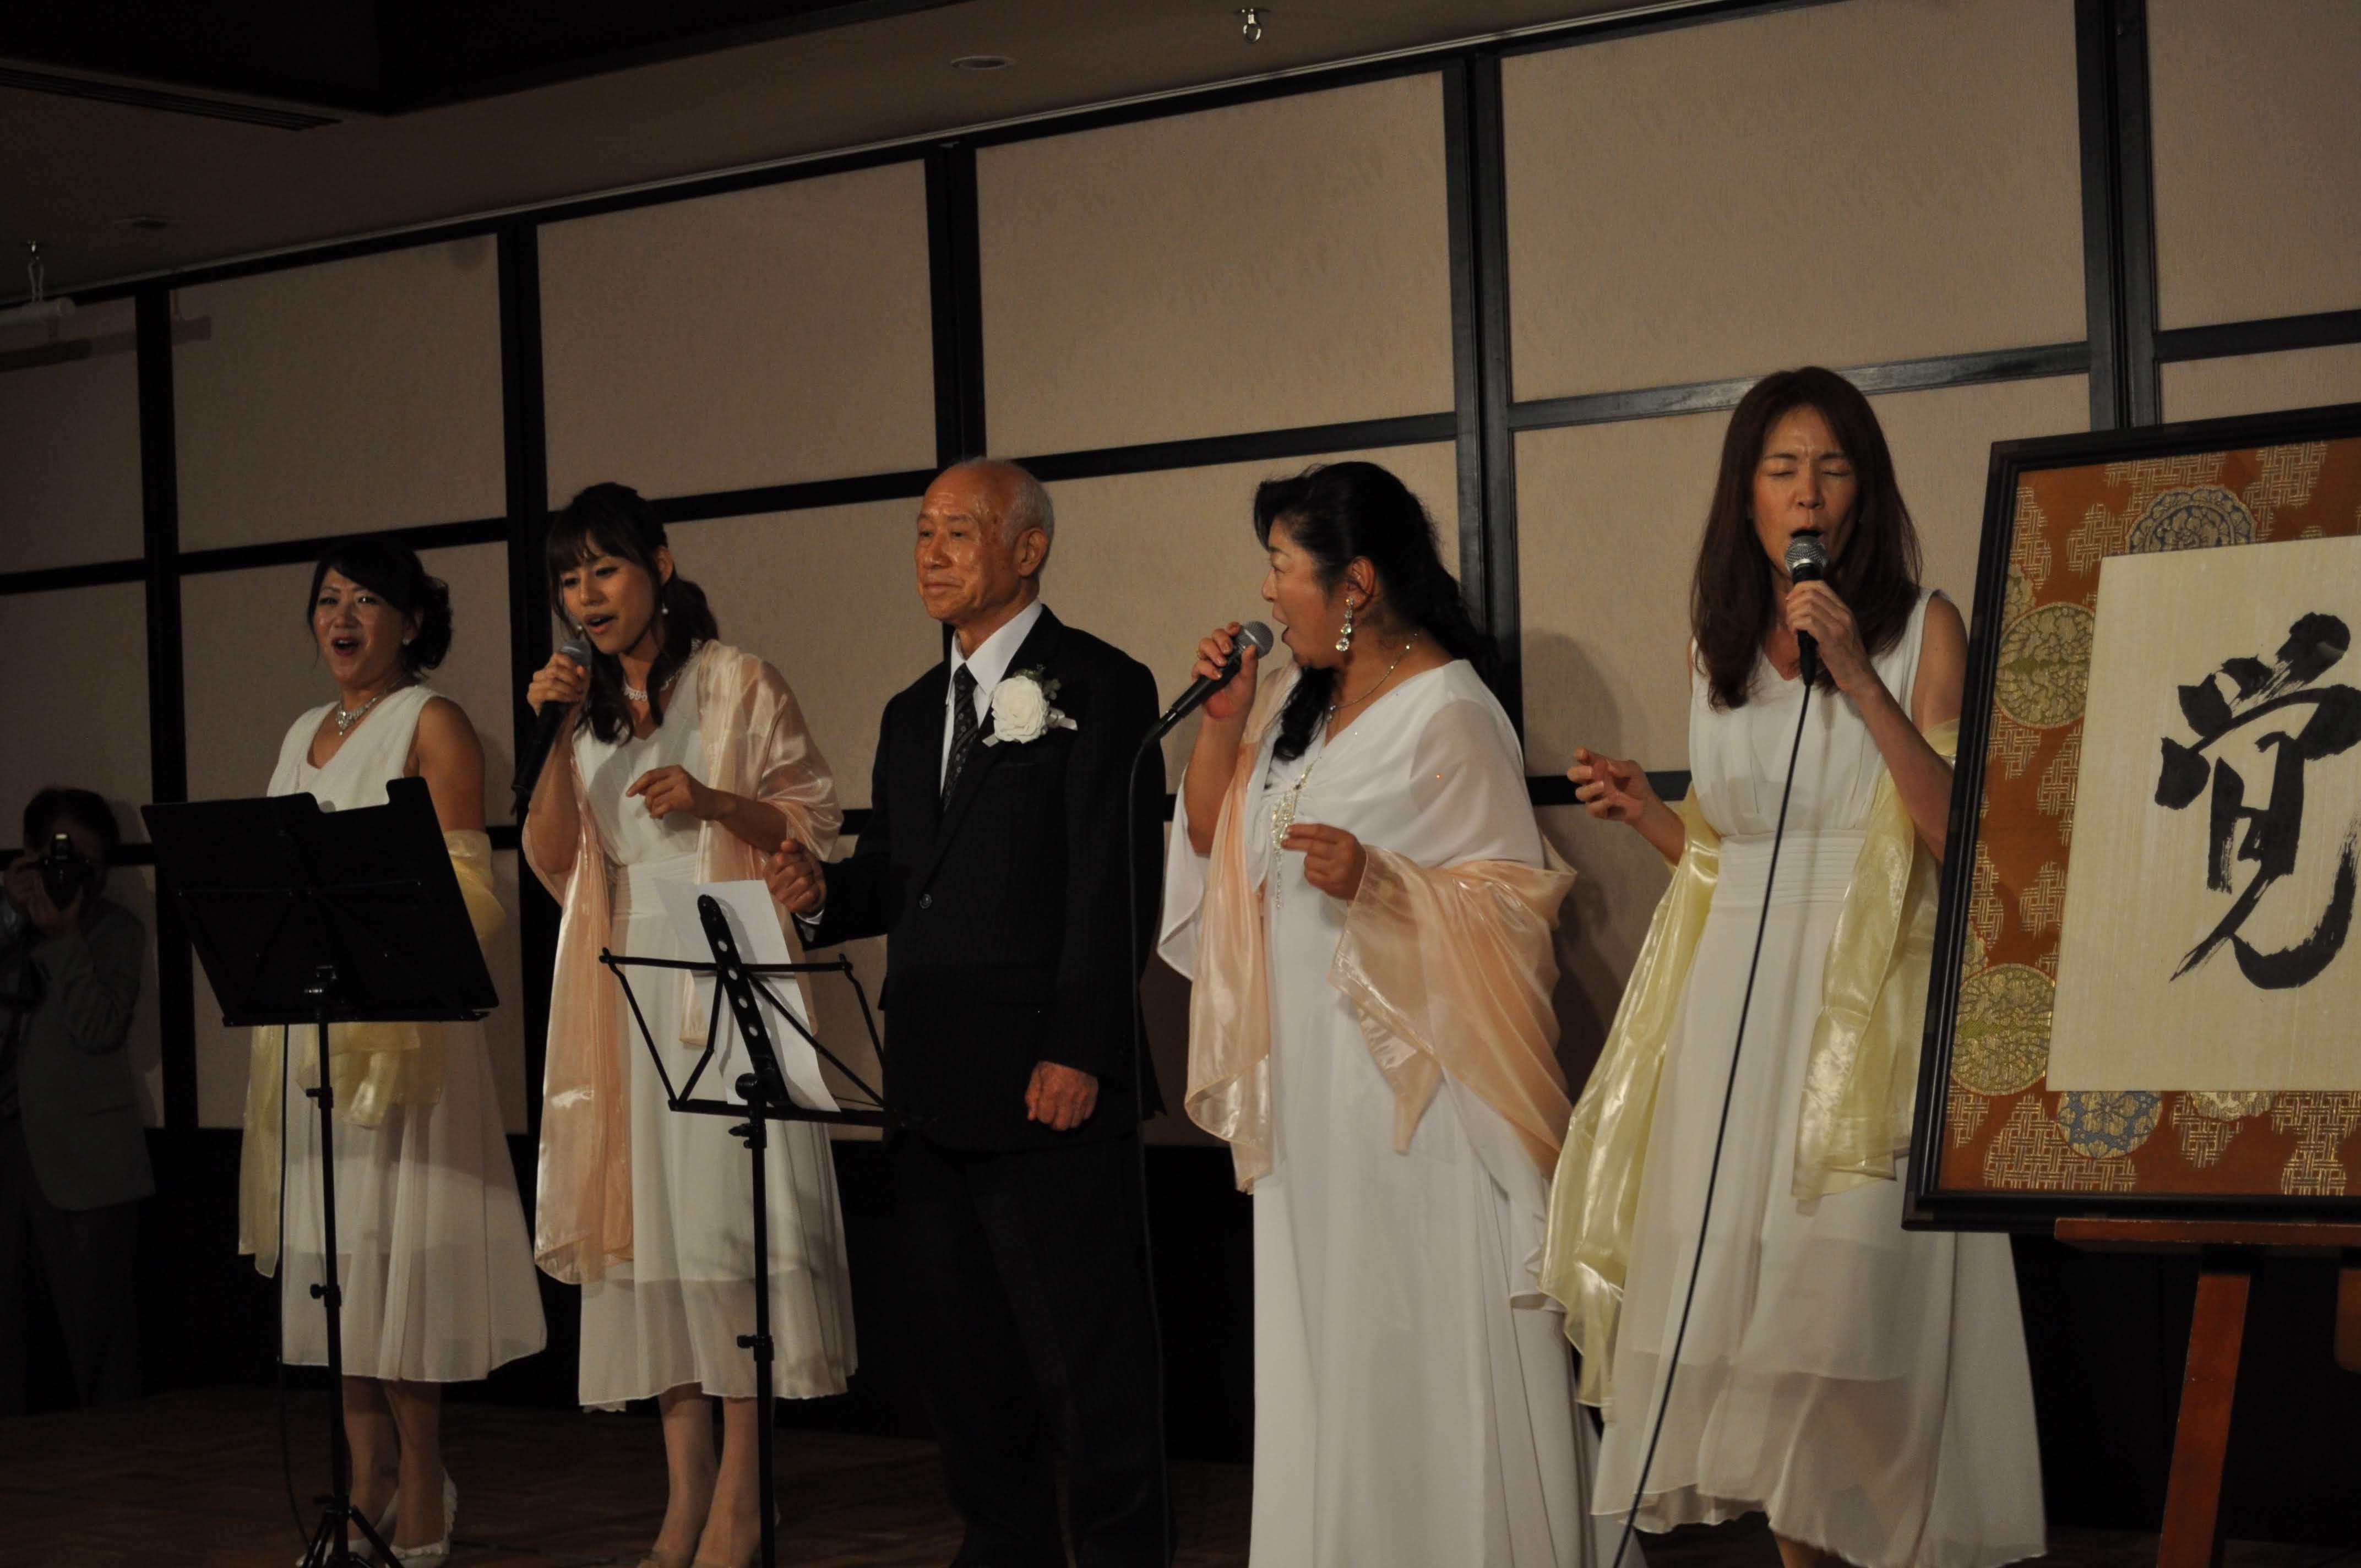 DSC 0527 1 - 思風会全国大会in広島